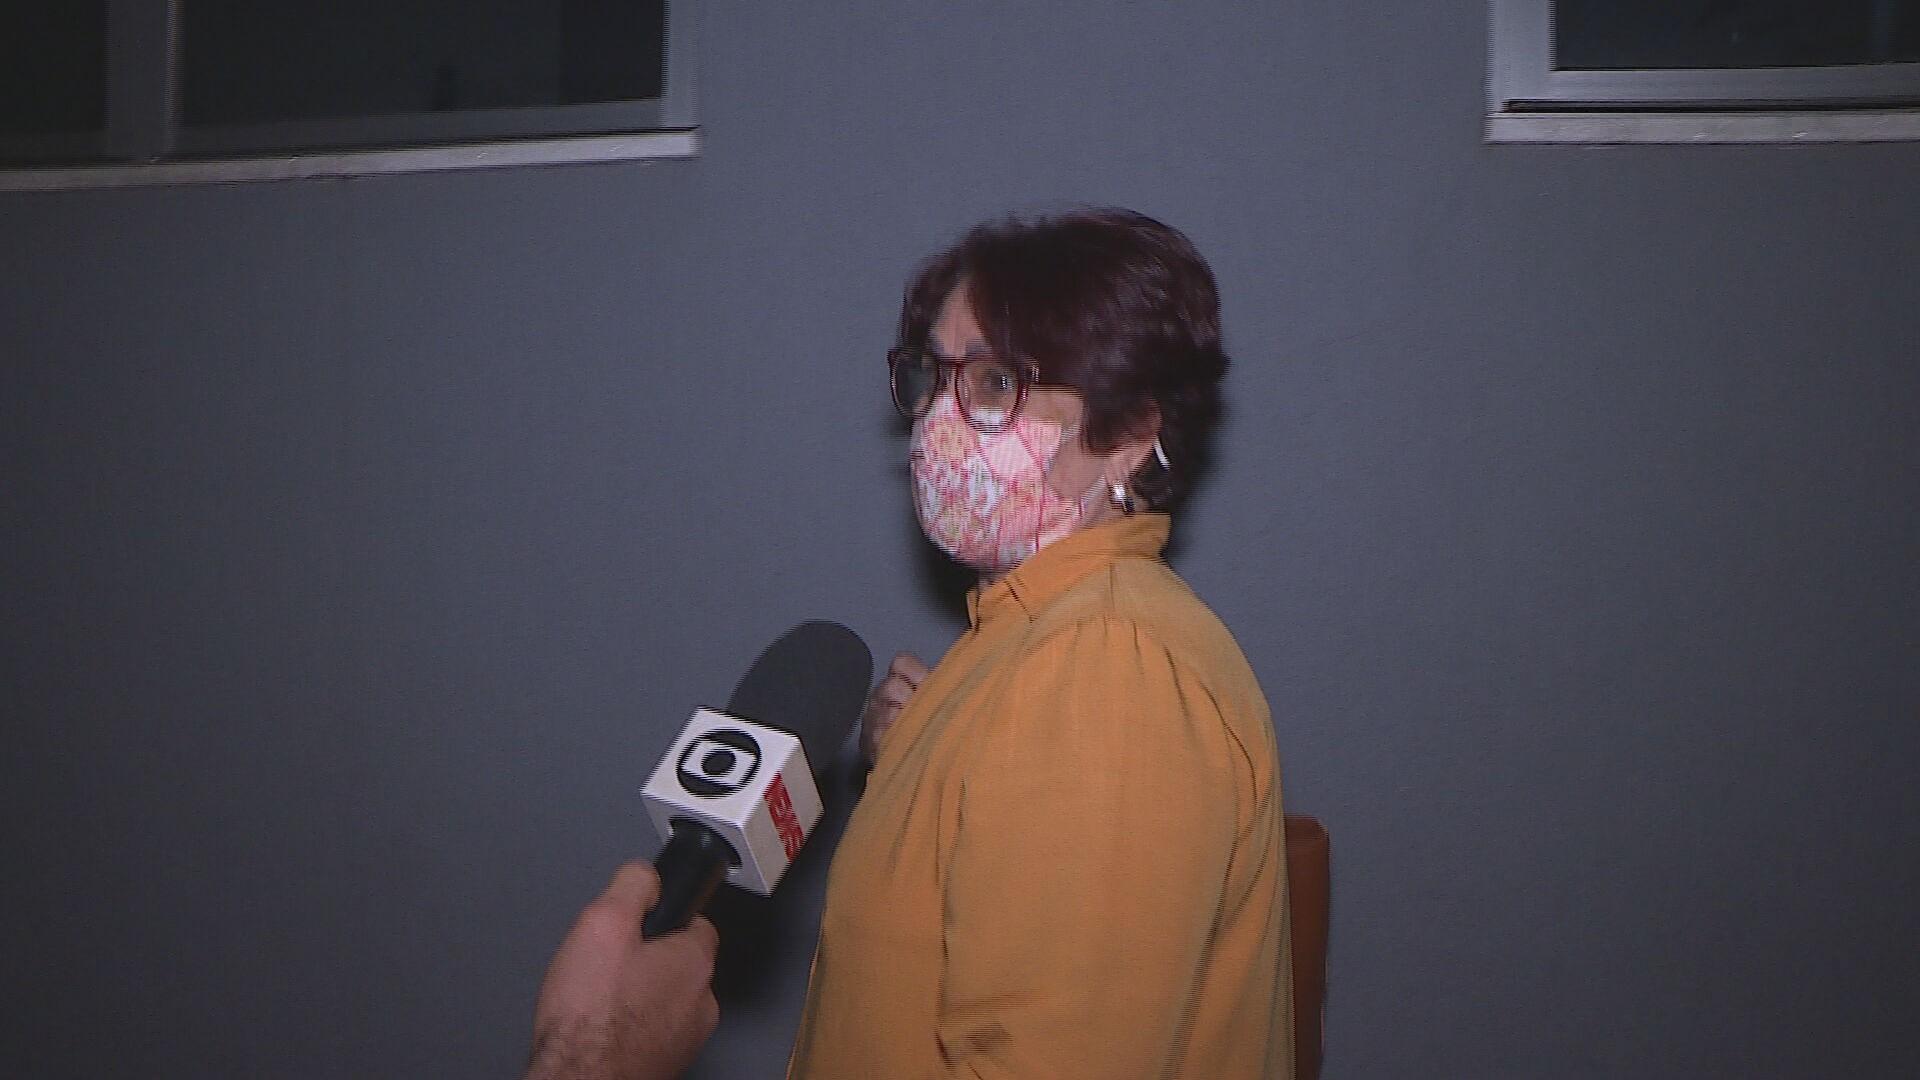 'Minha versão será esclarecida com quem mereça', diz falsa enfermeira sobre vacinação clandestina em BH